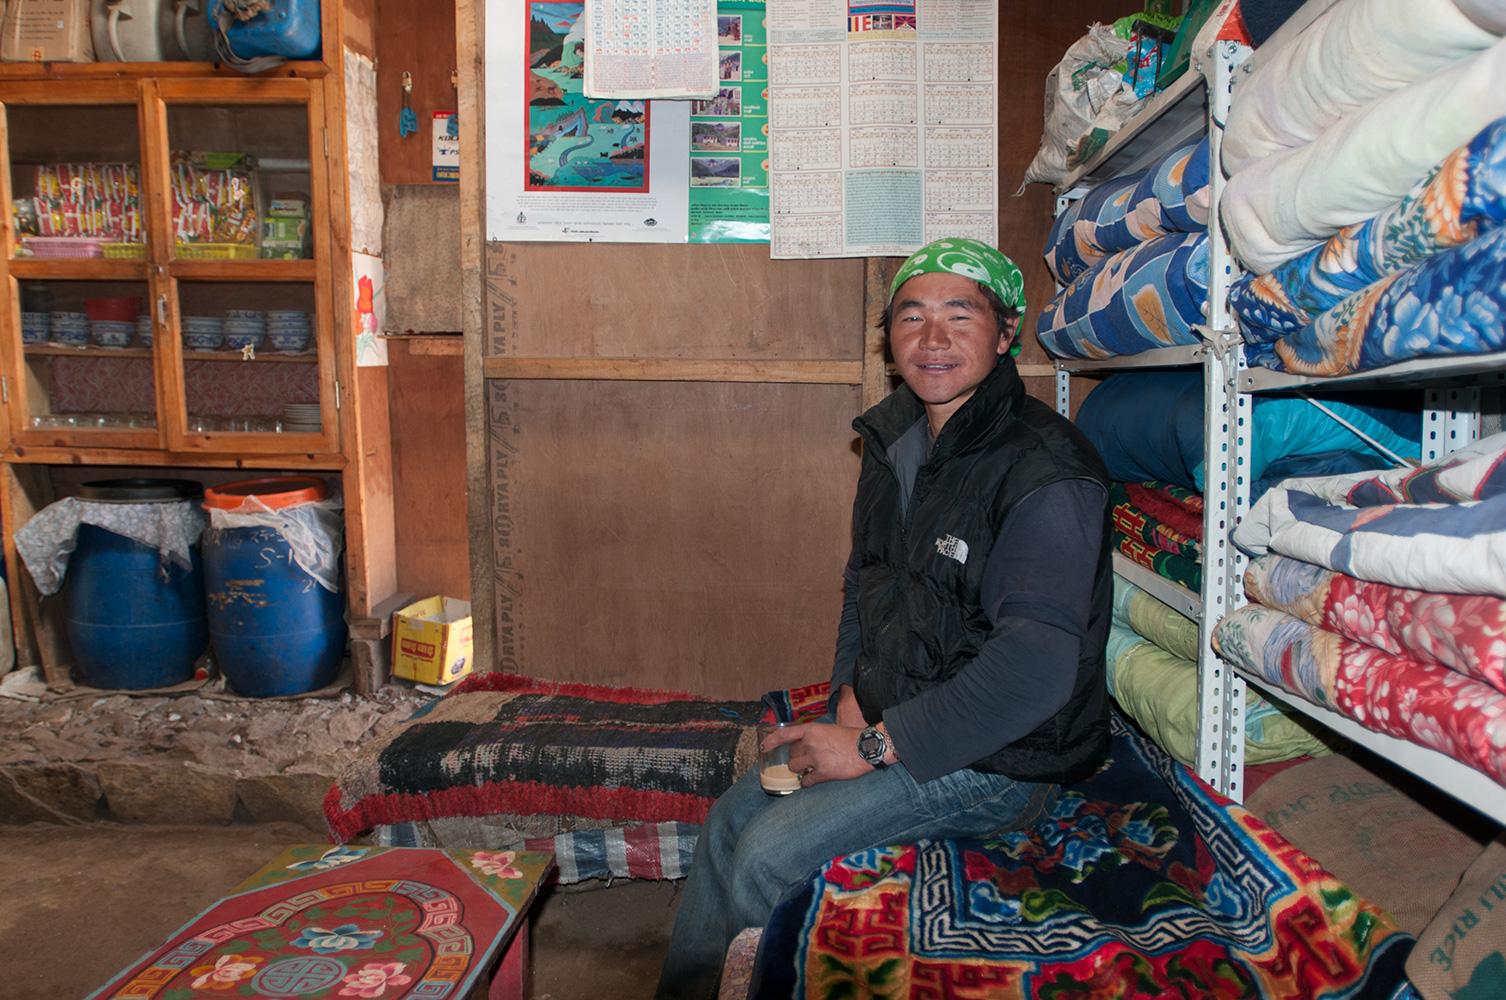 Taking a break in a tea shop. December 2008